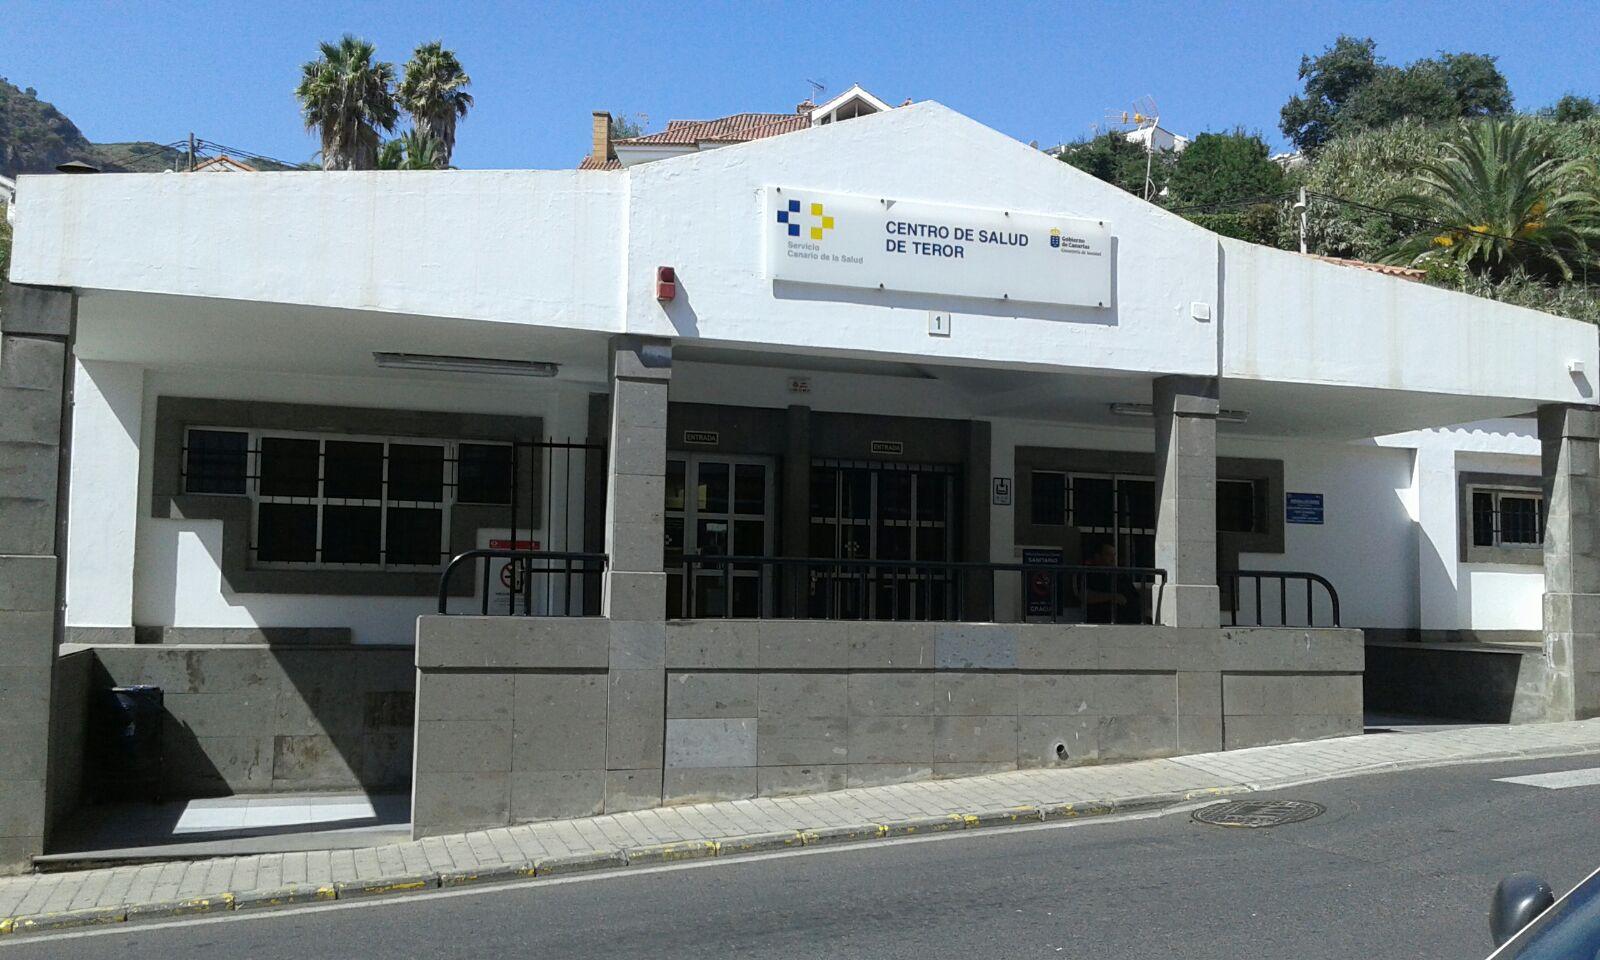 Centro de Salud de Teror